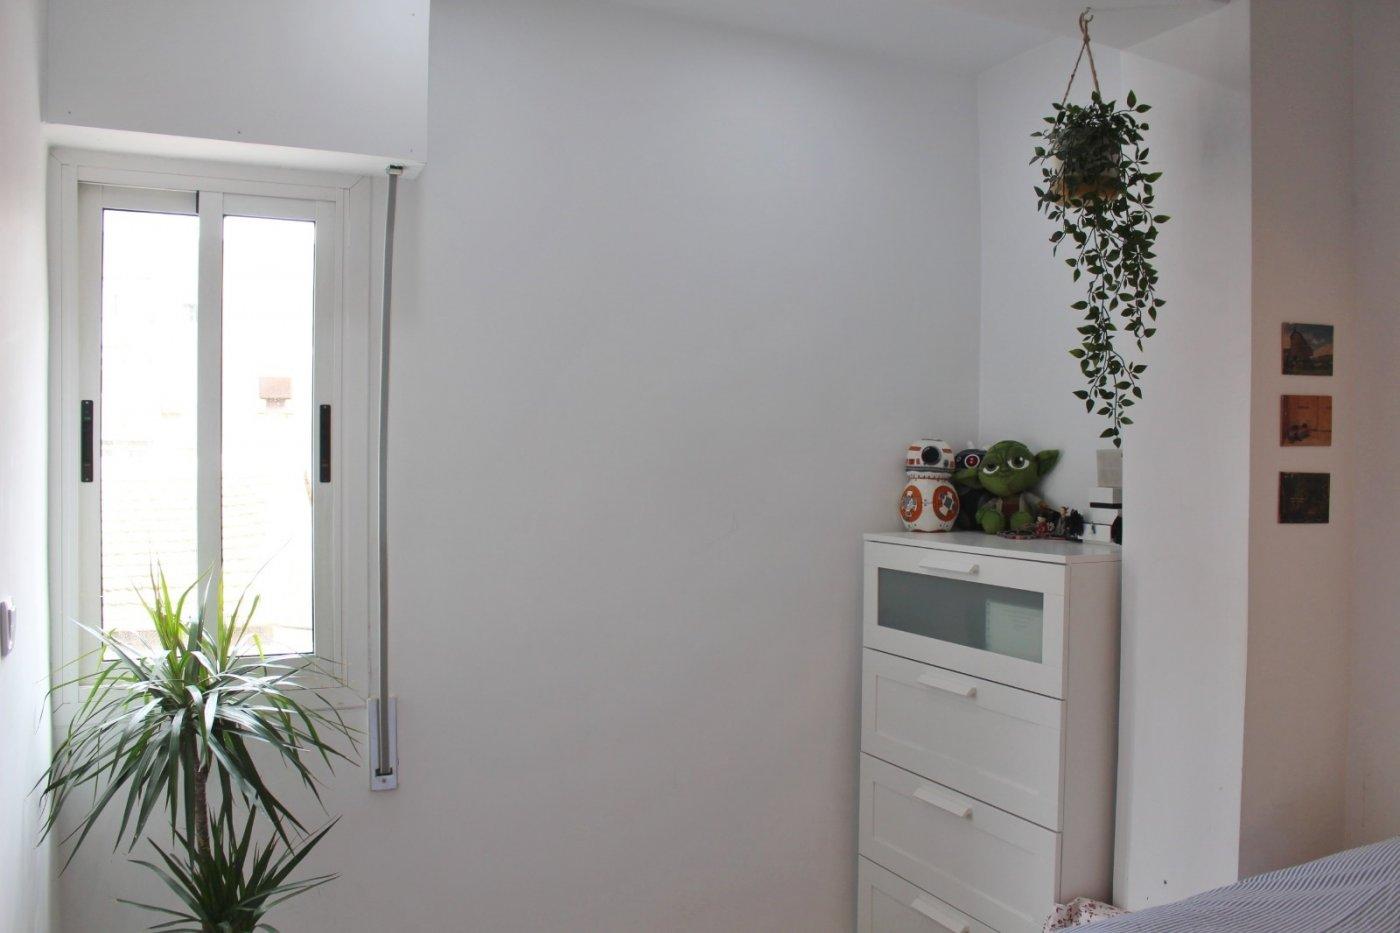 Moderno piso con balcón en espinardo - imagenInmueble5